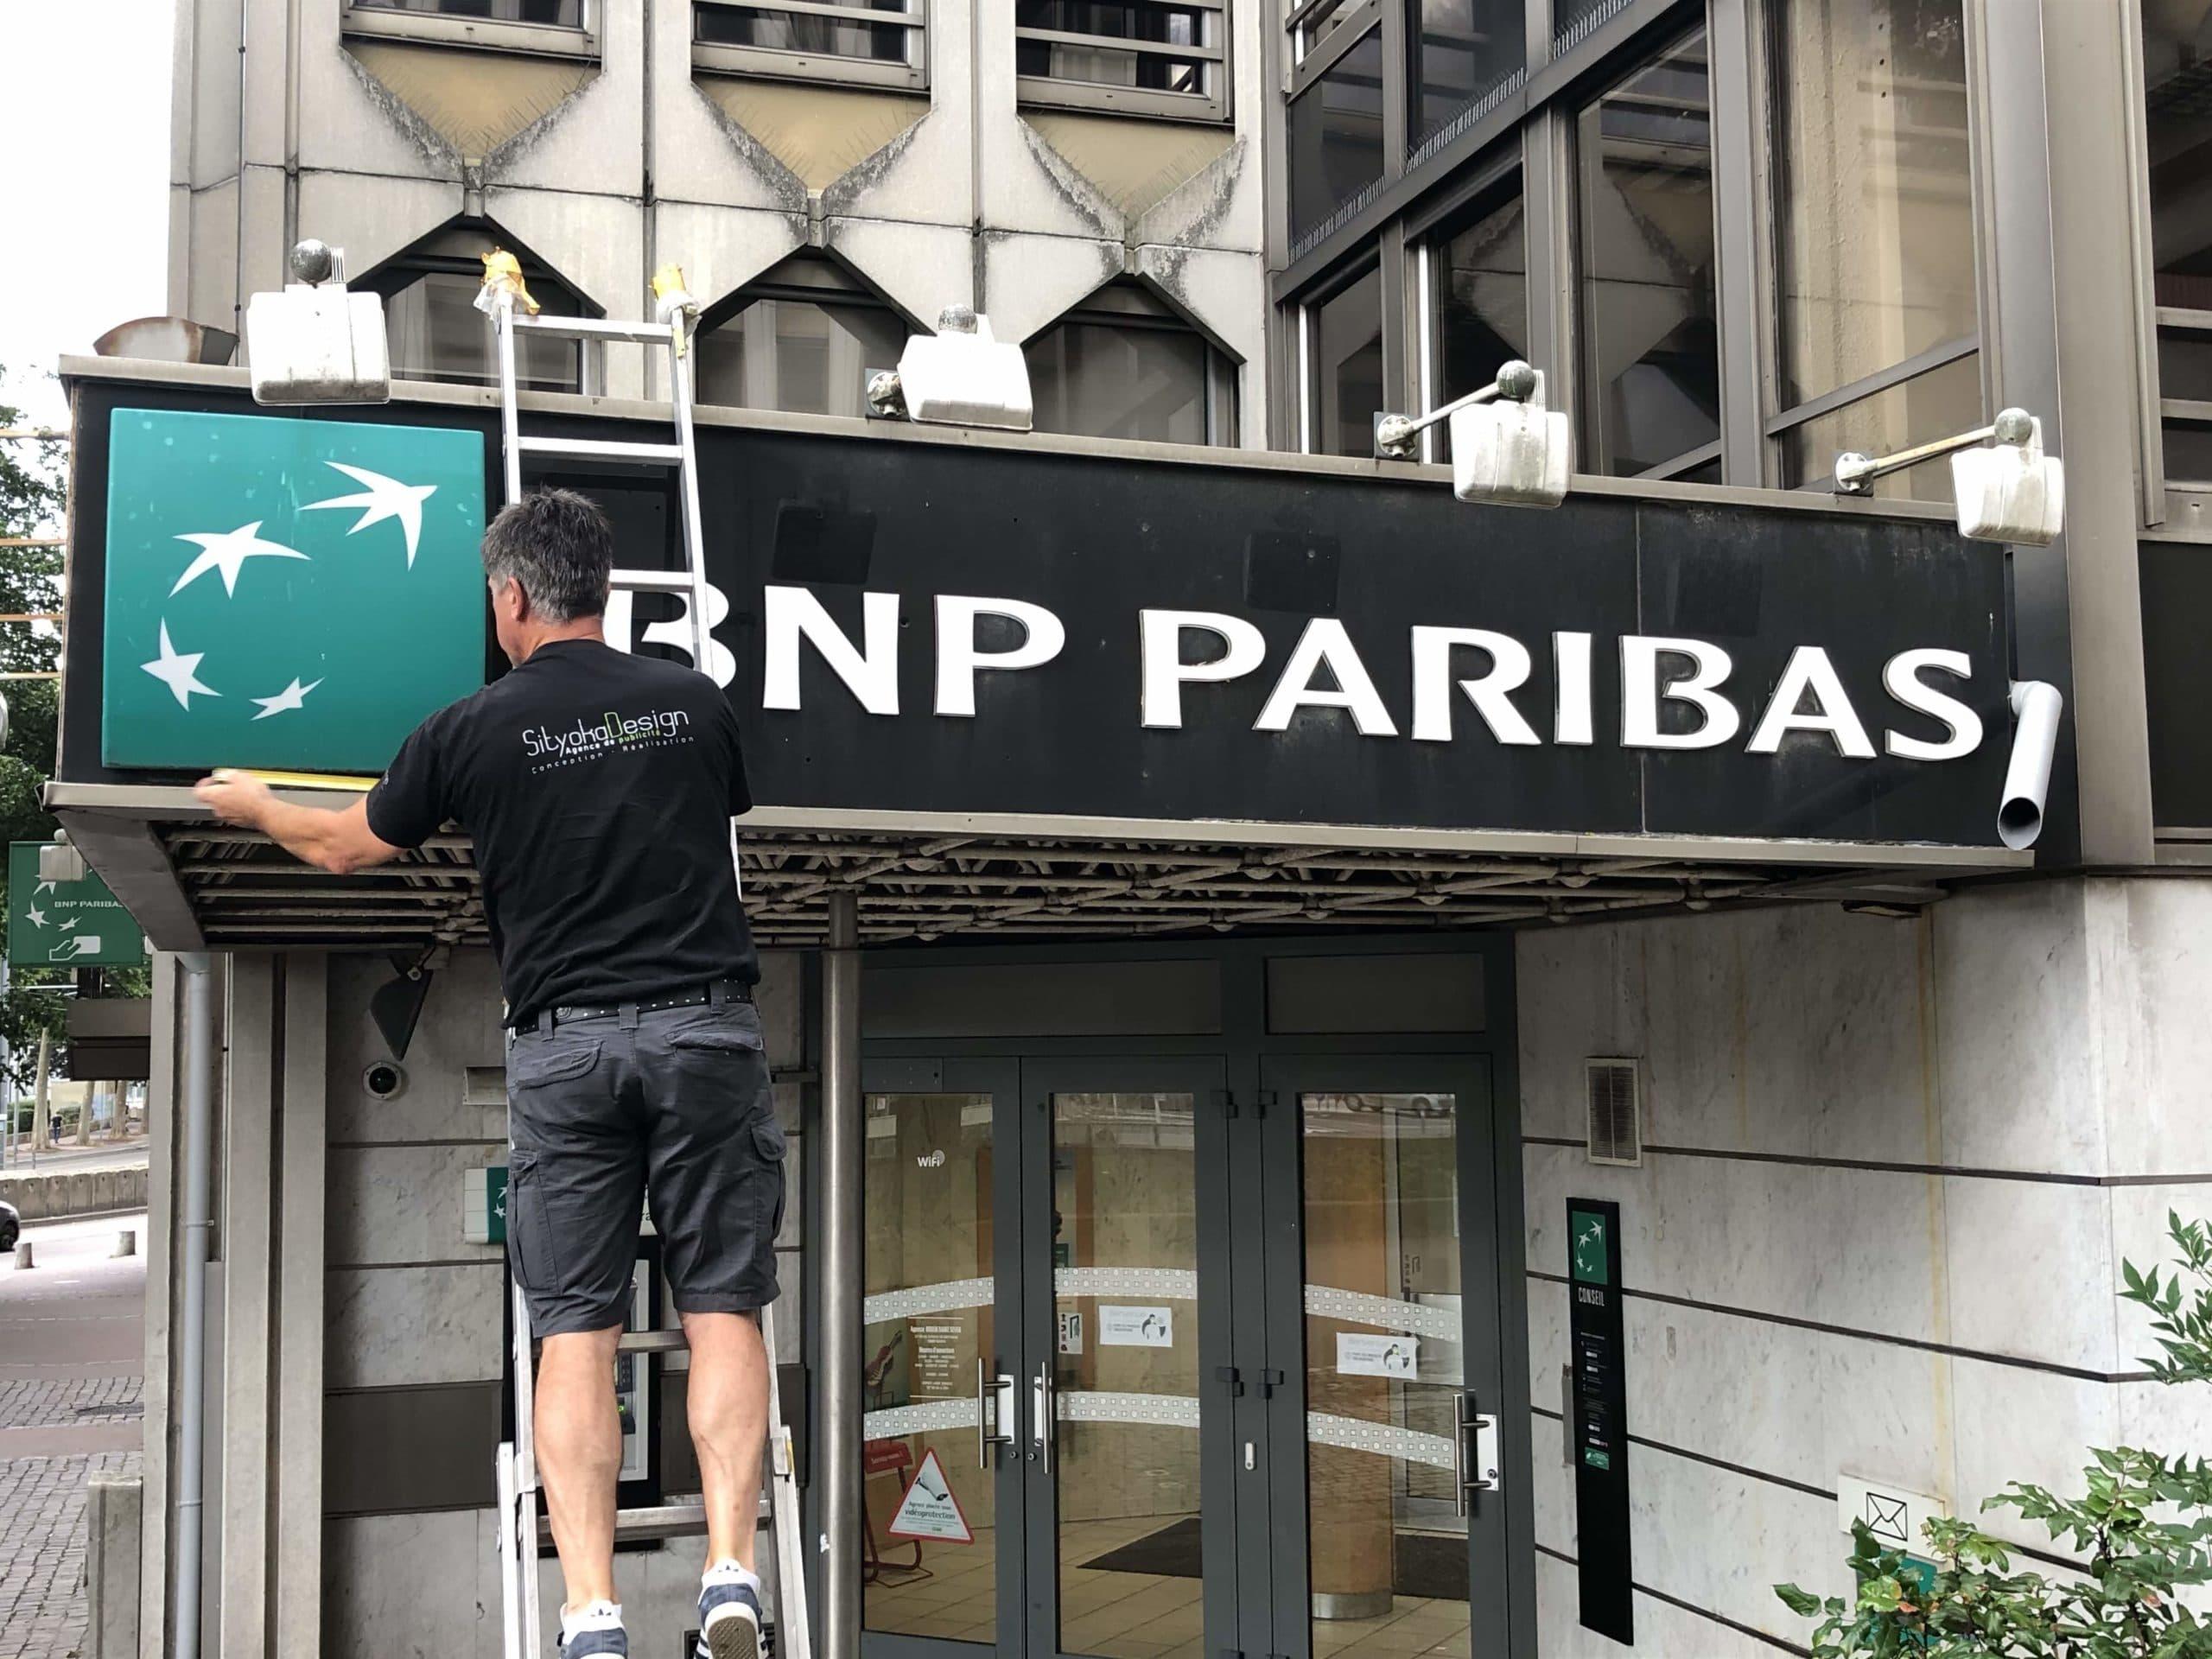 enseigne-agence-bancaire-bnp-paribas-lettrages-agence-bancaire-rénovation-agence-bancaire-rouen-sityoka-design